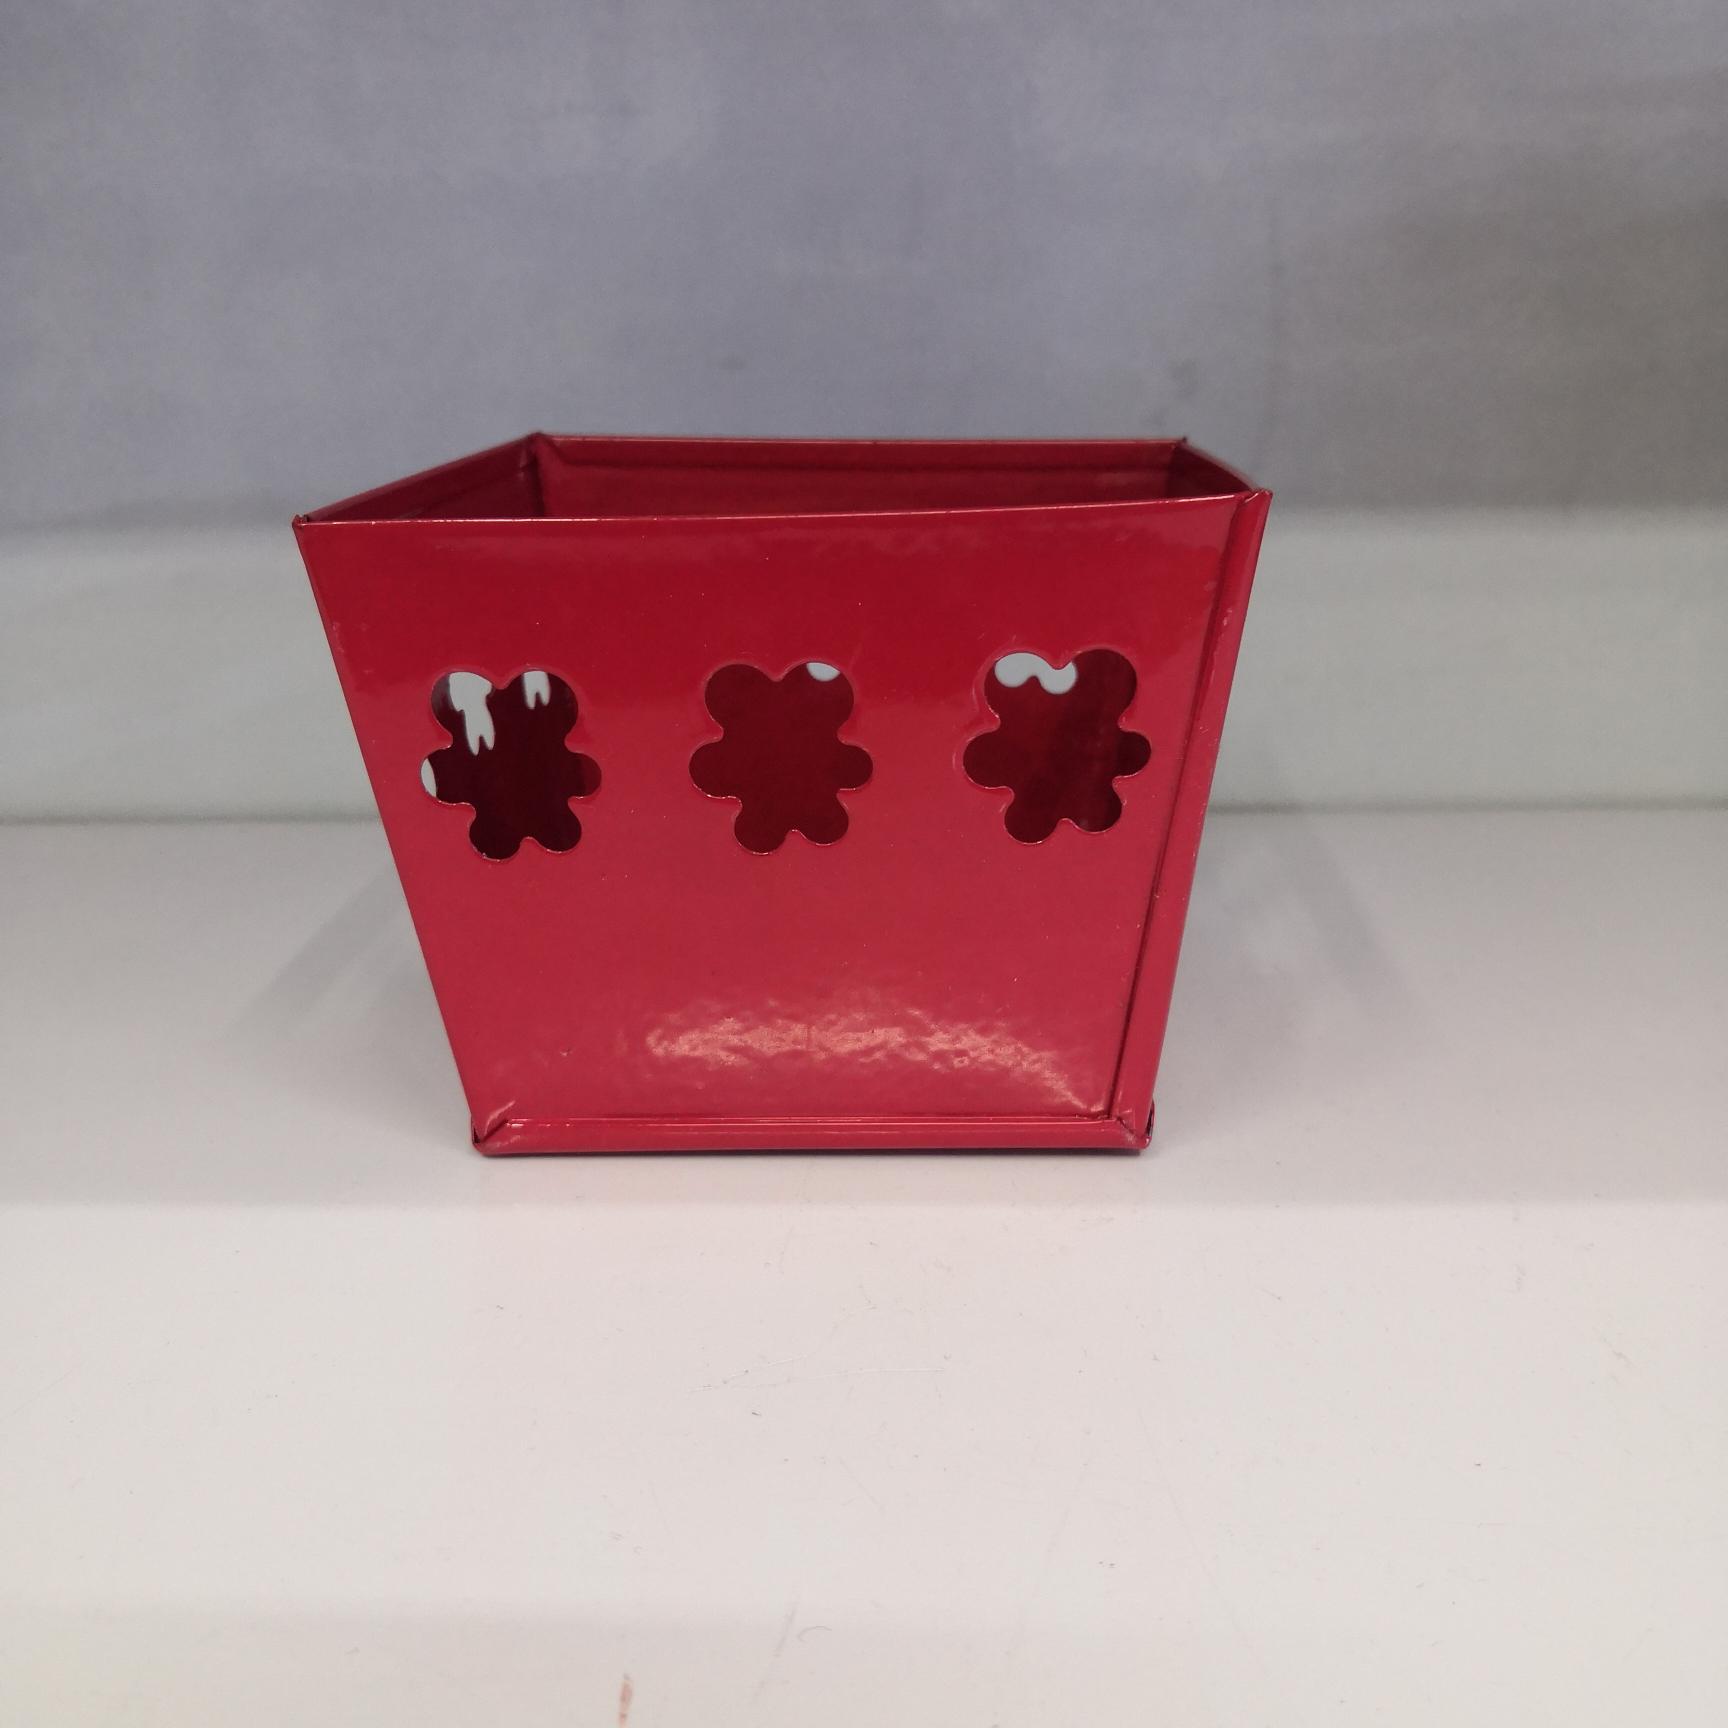 四方镂空铁皮桶红